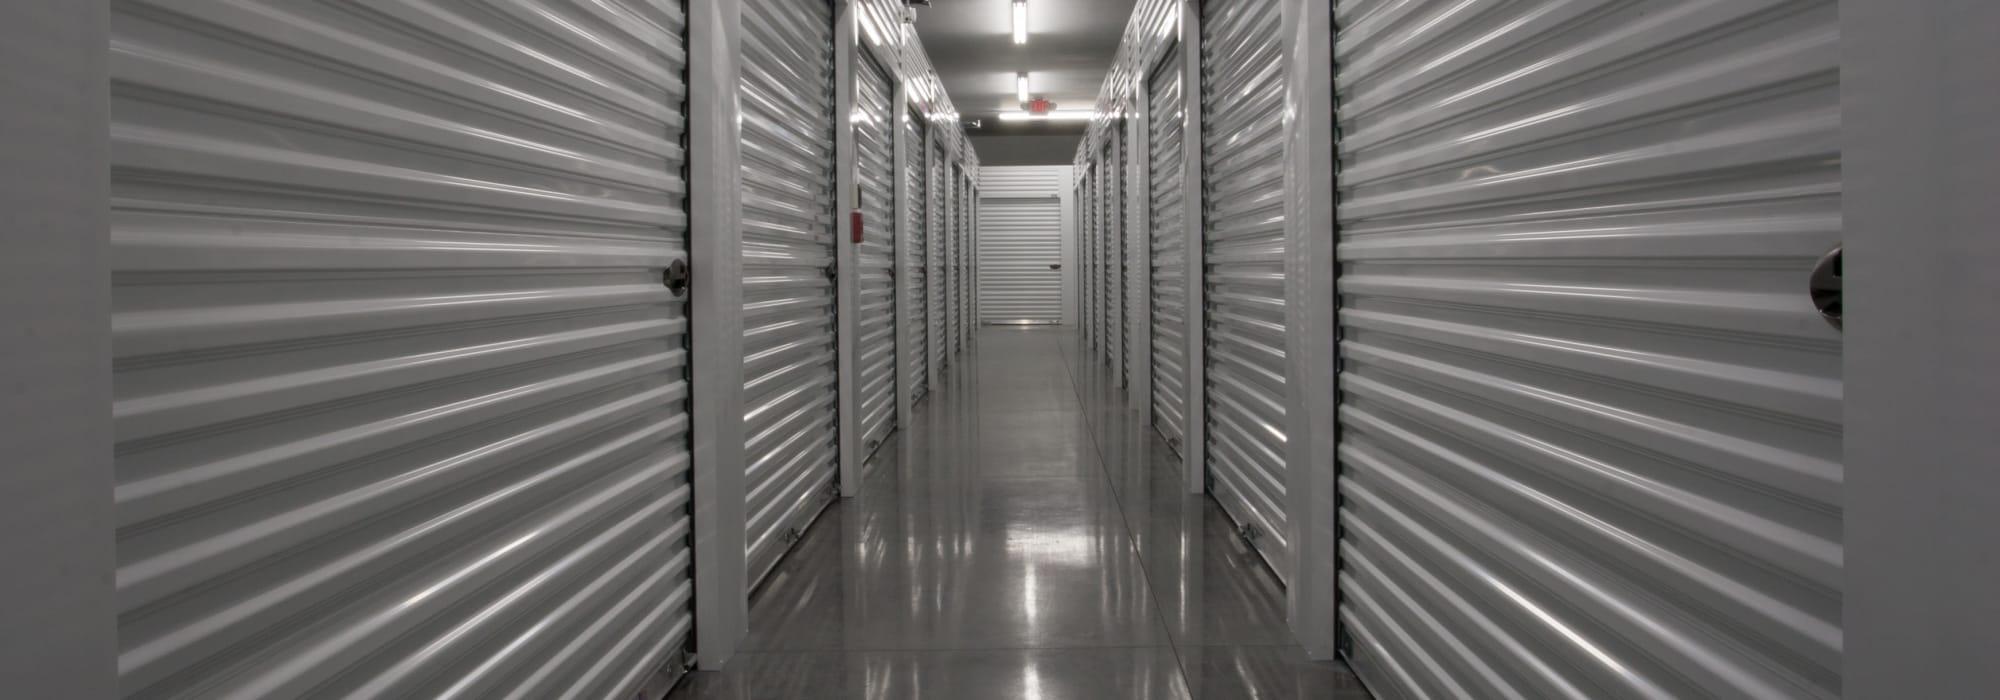 Self storage in Huntsville AL